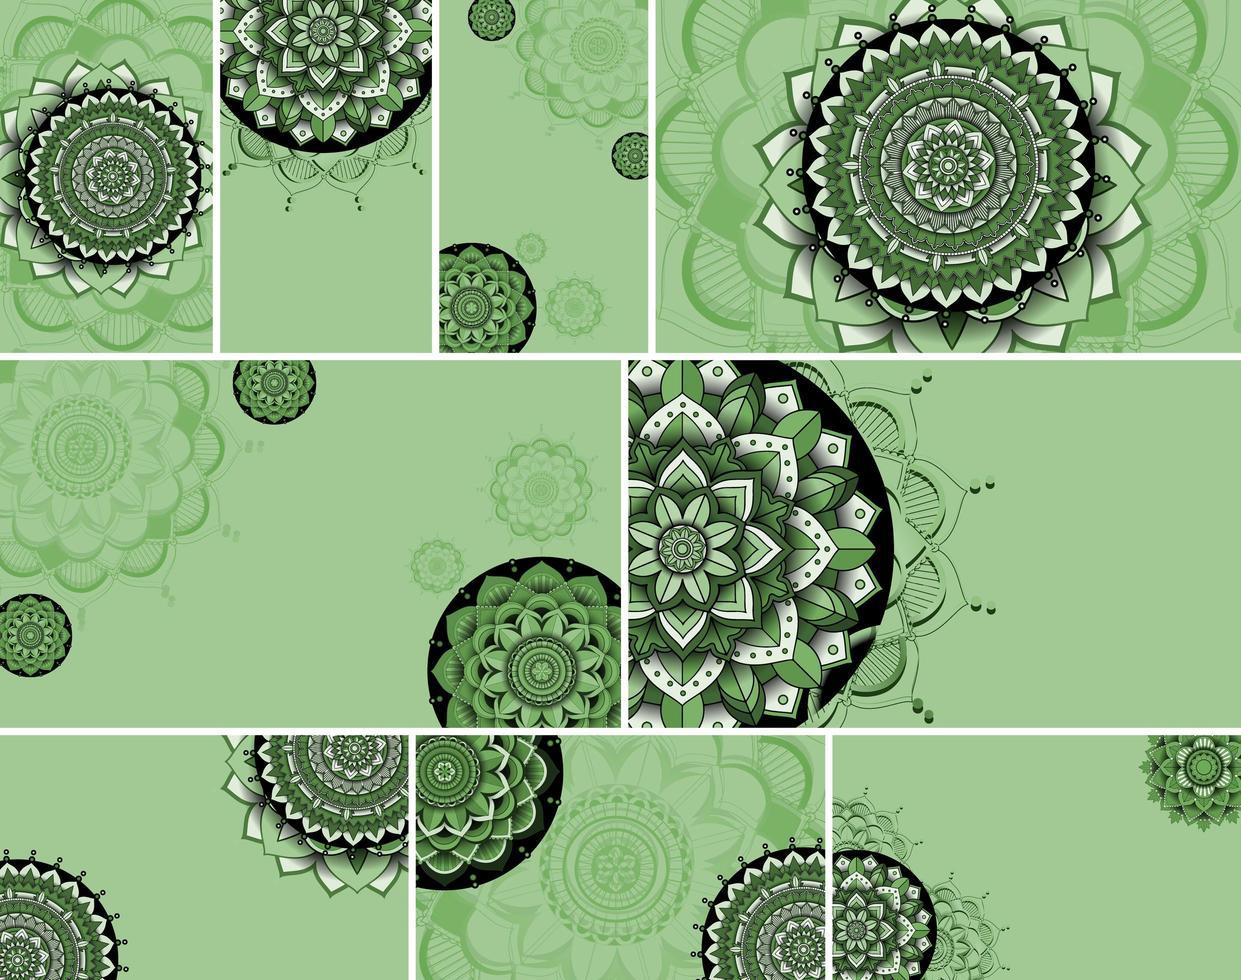 groene mandala achtergrond ontwerpset vector